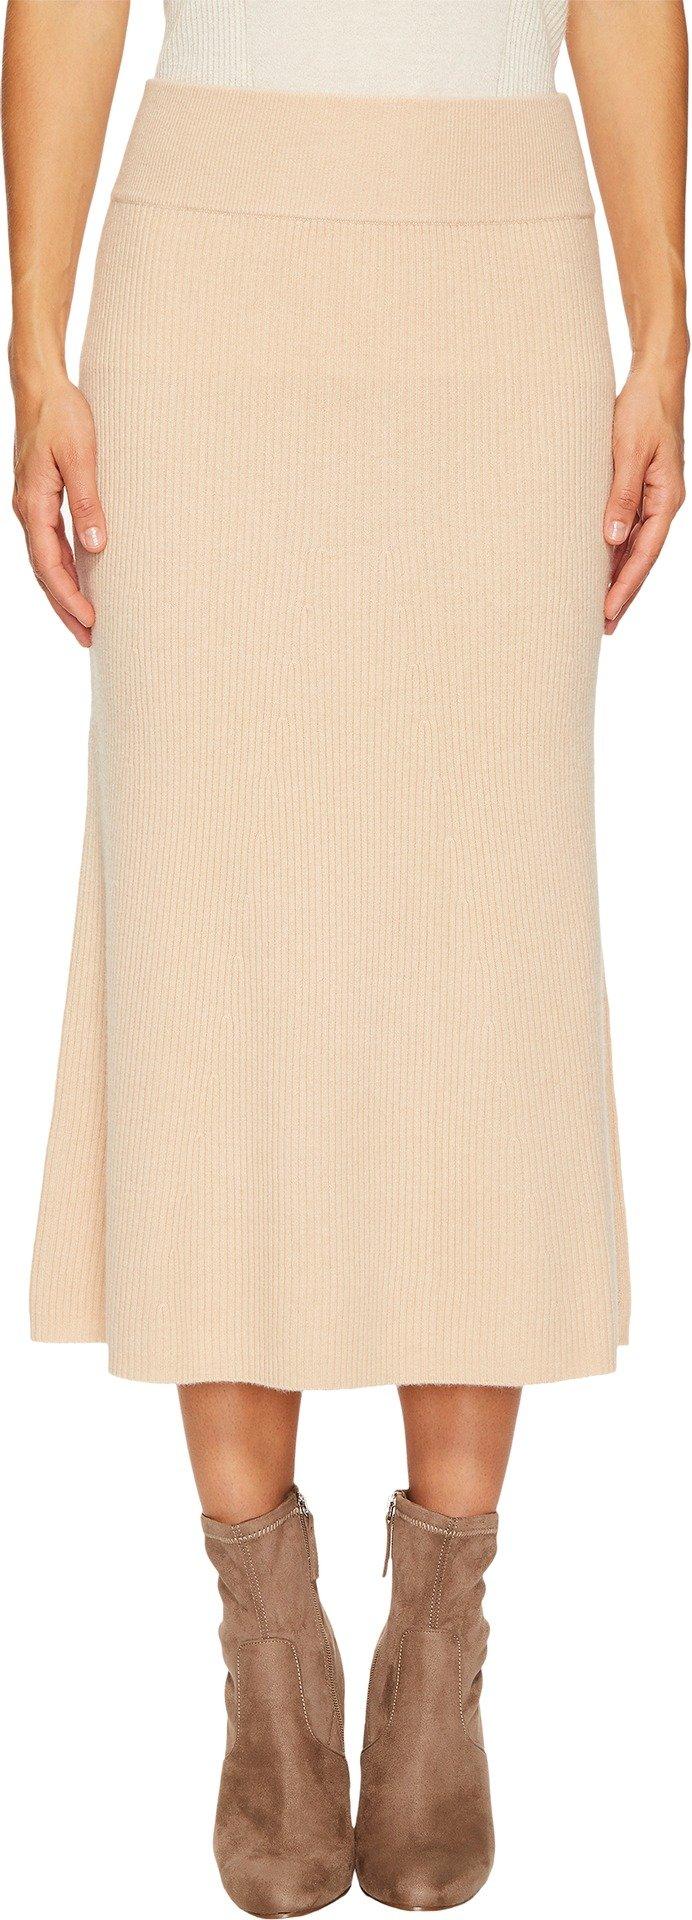 Cashmere In Love Women's Viva Knit Skirt Caramel Small